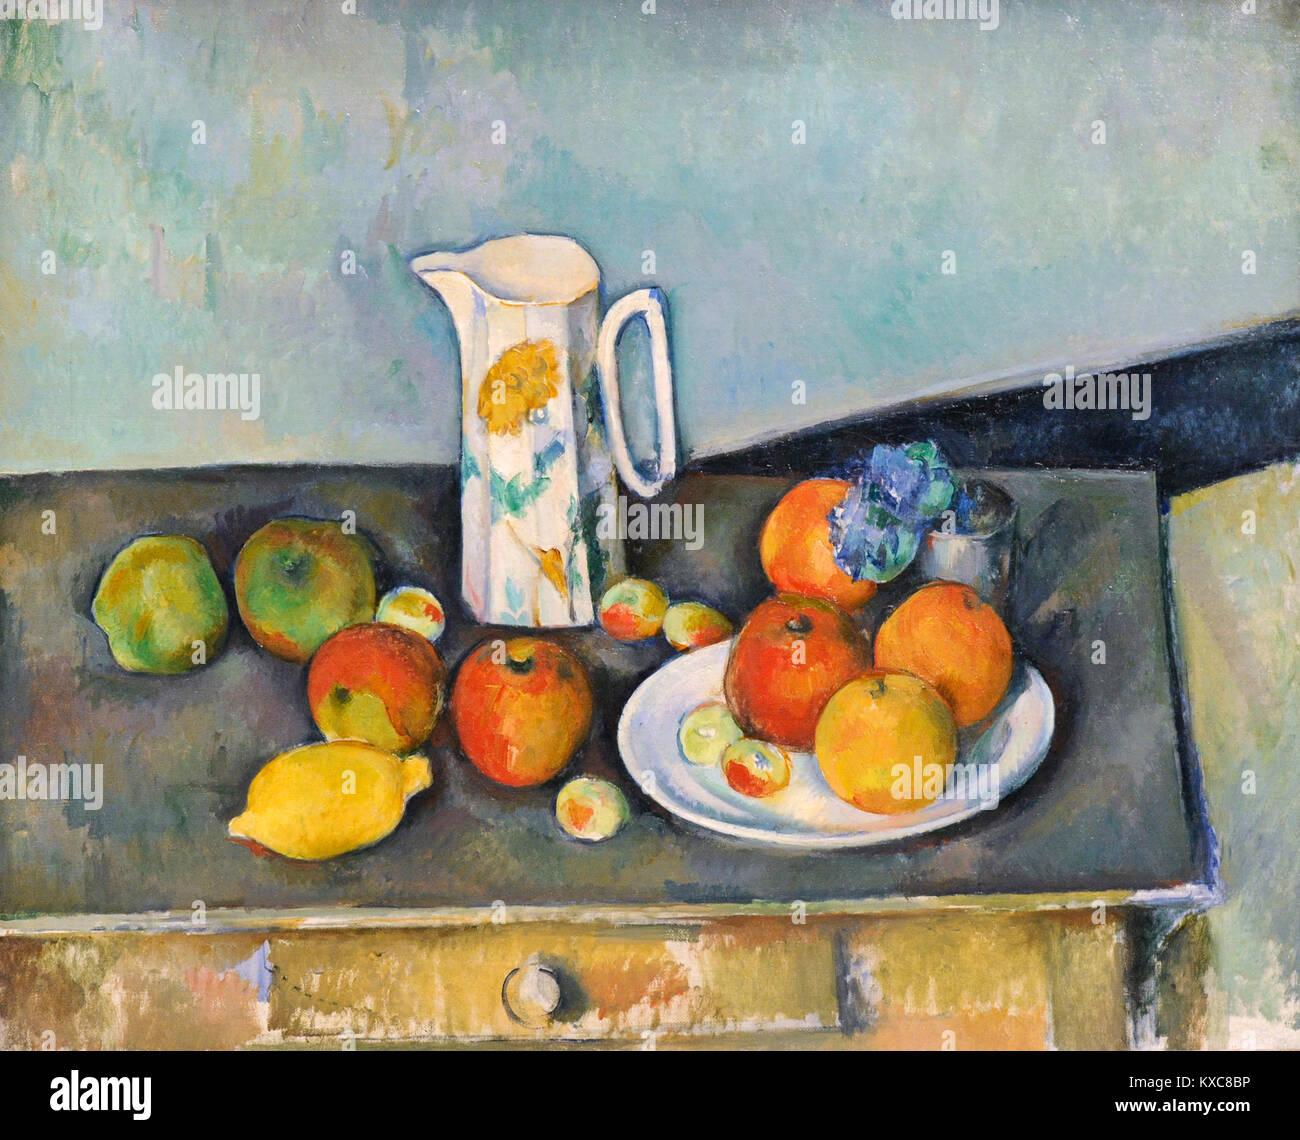 Paul Cézanne (1839-1906). Le peintre français. Still Life, ca.1890. Galerie nationale. Oslo. La Norvège. Photo Stock